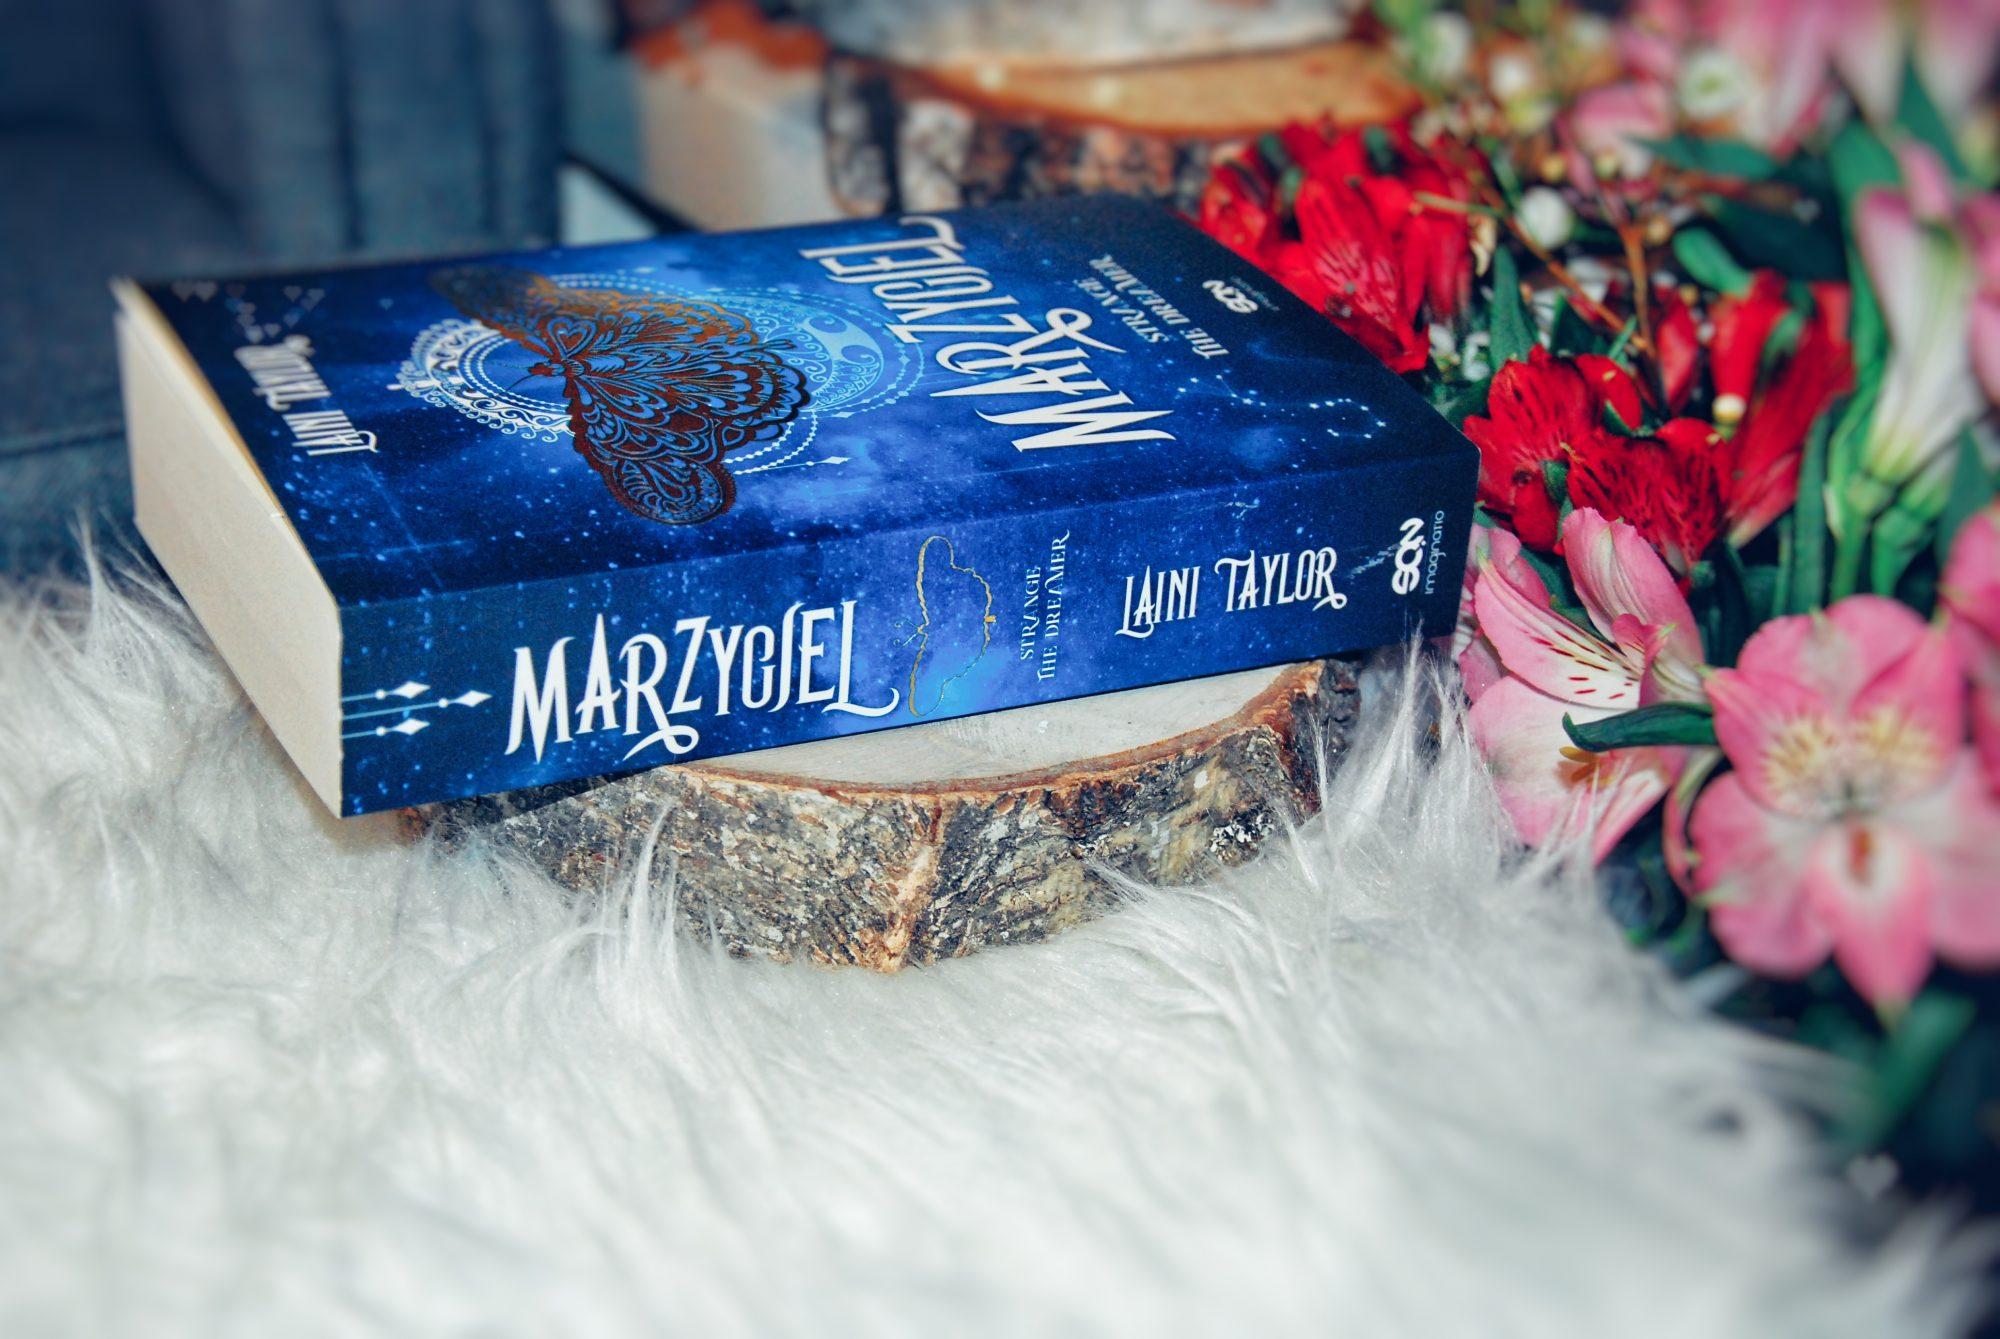 marzyciel-strange-the-dreamer-laini-taylor